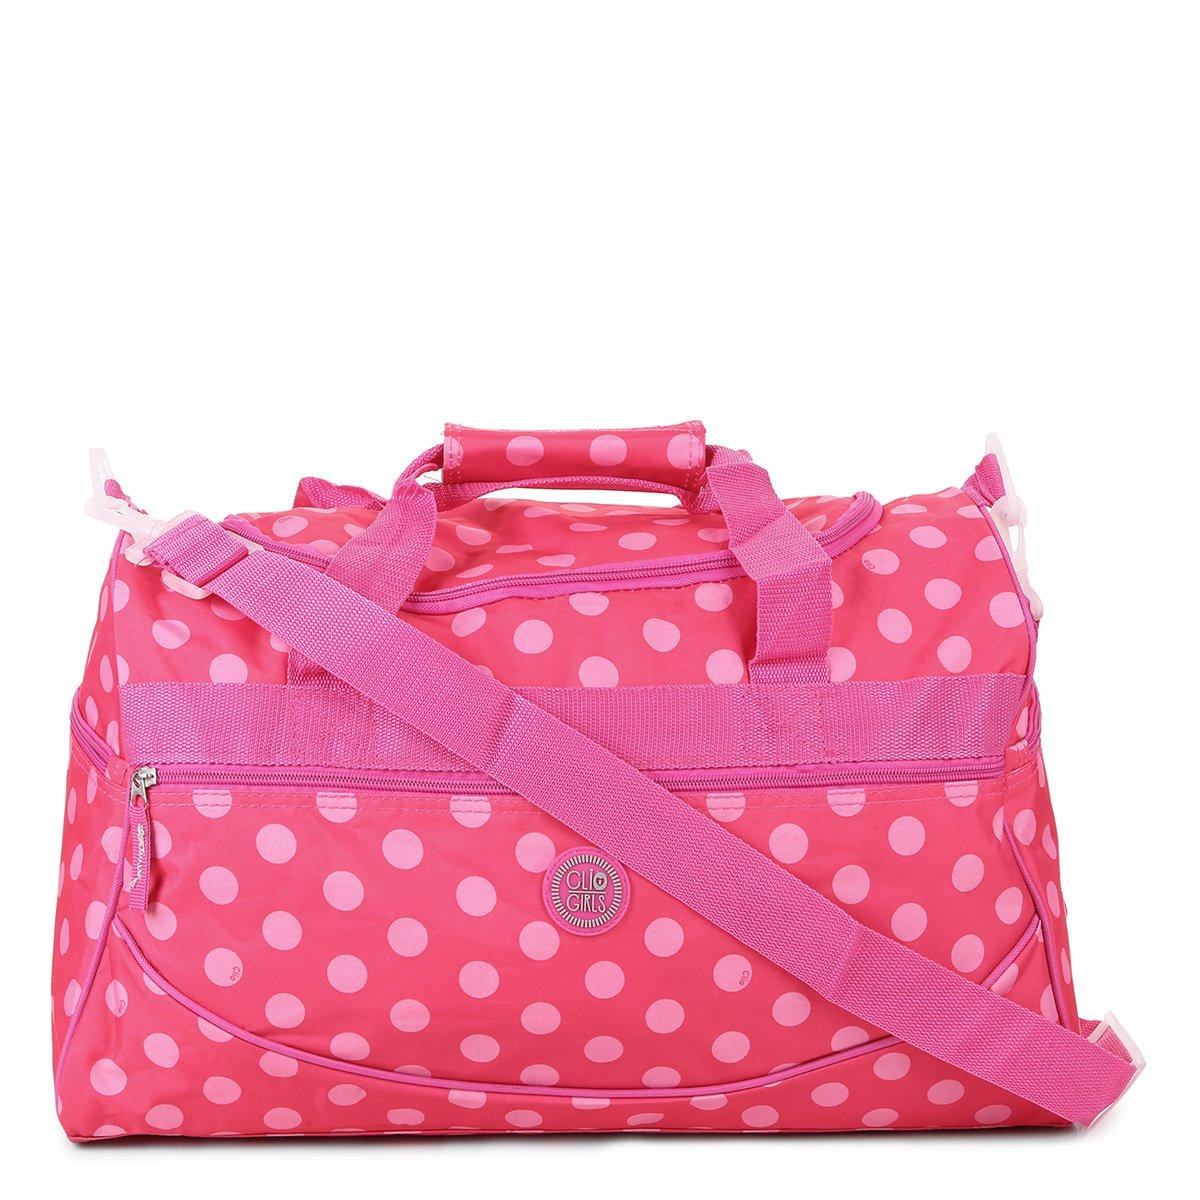 6166423d7 Bolsa de Viagem Clio Estampada Feminina | Netshoes